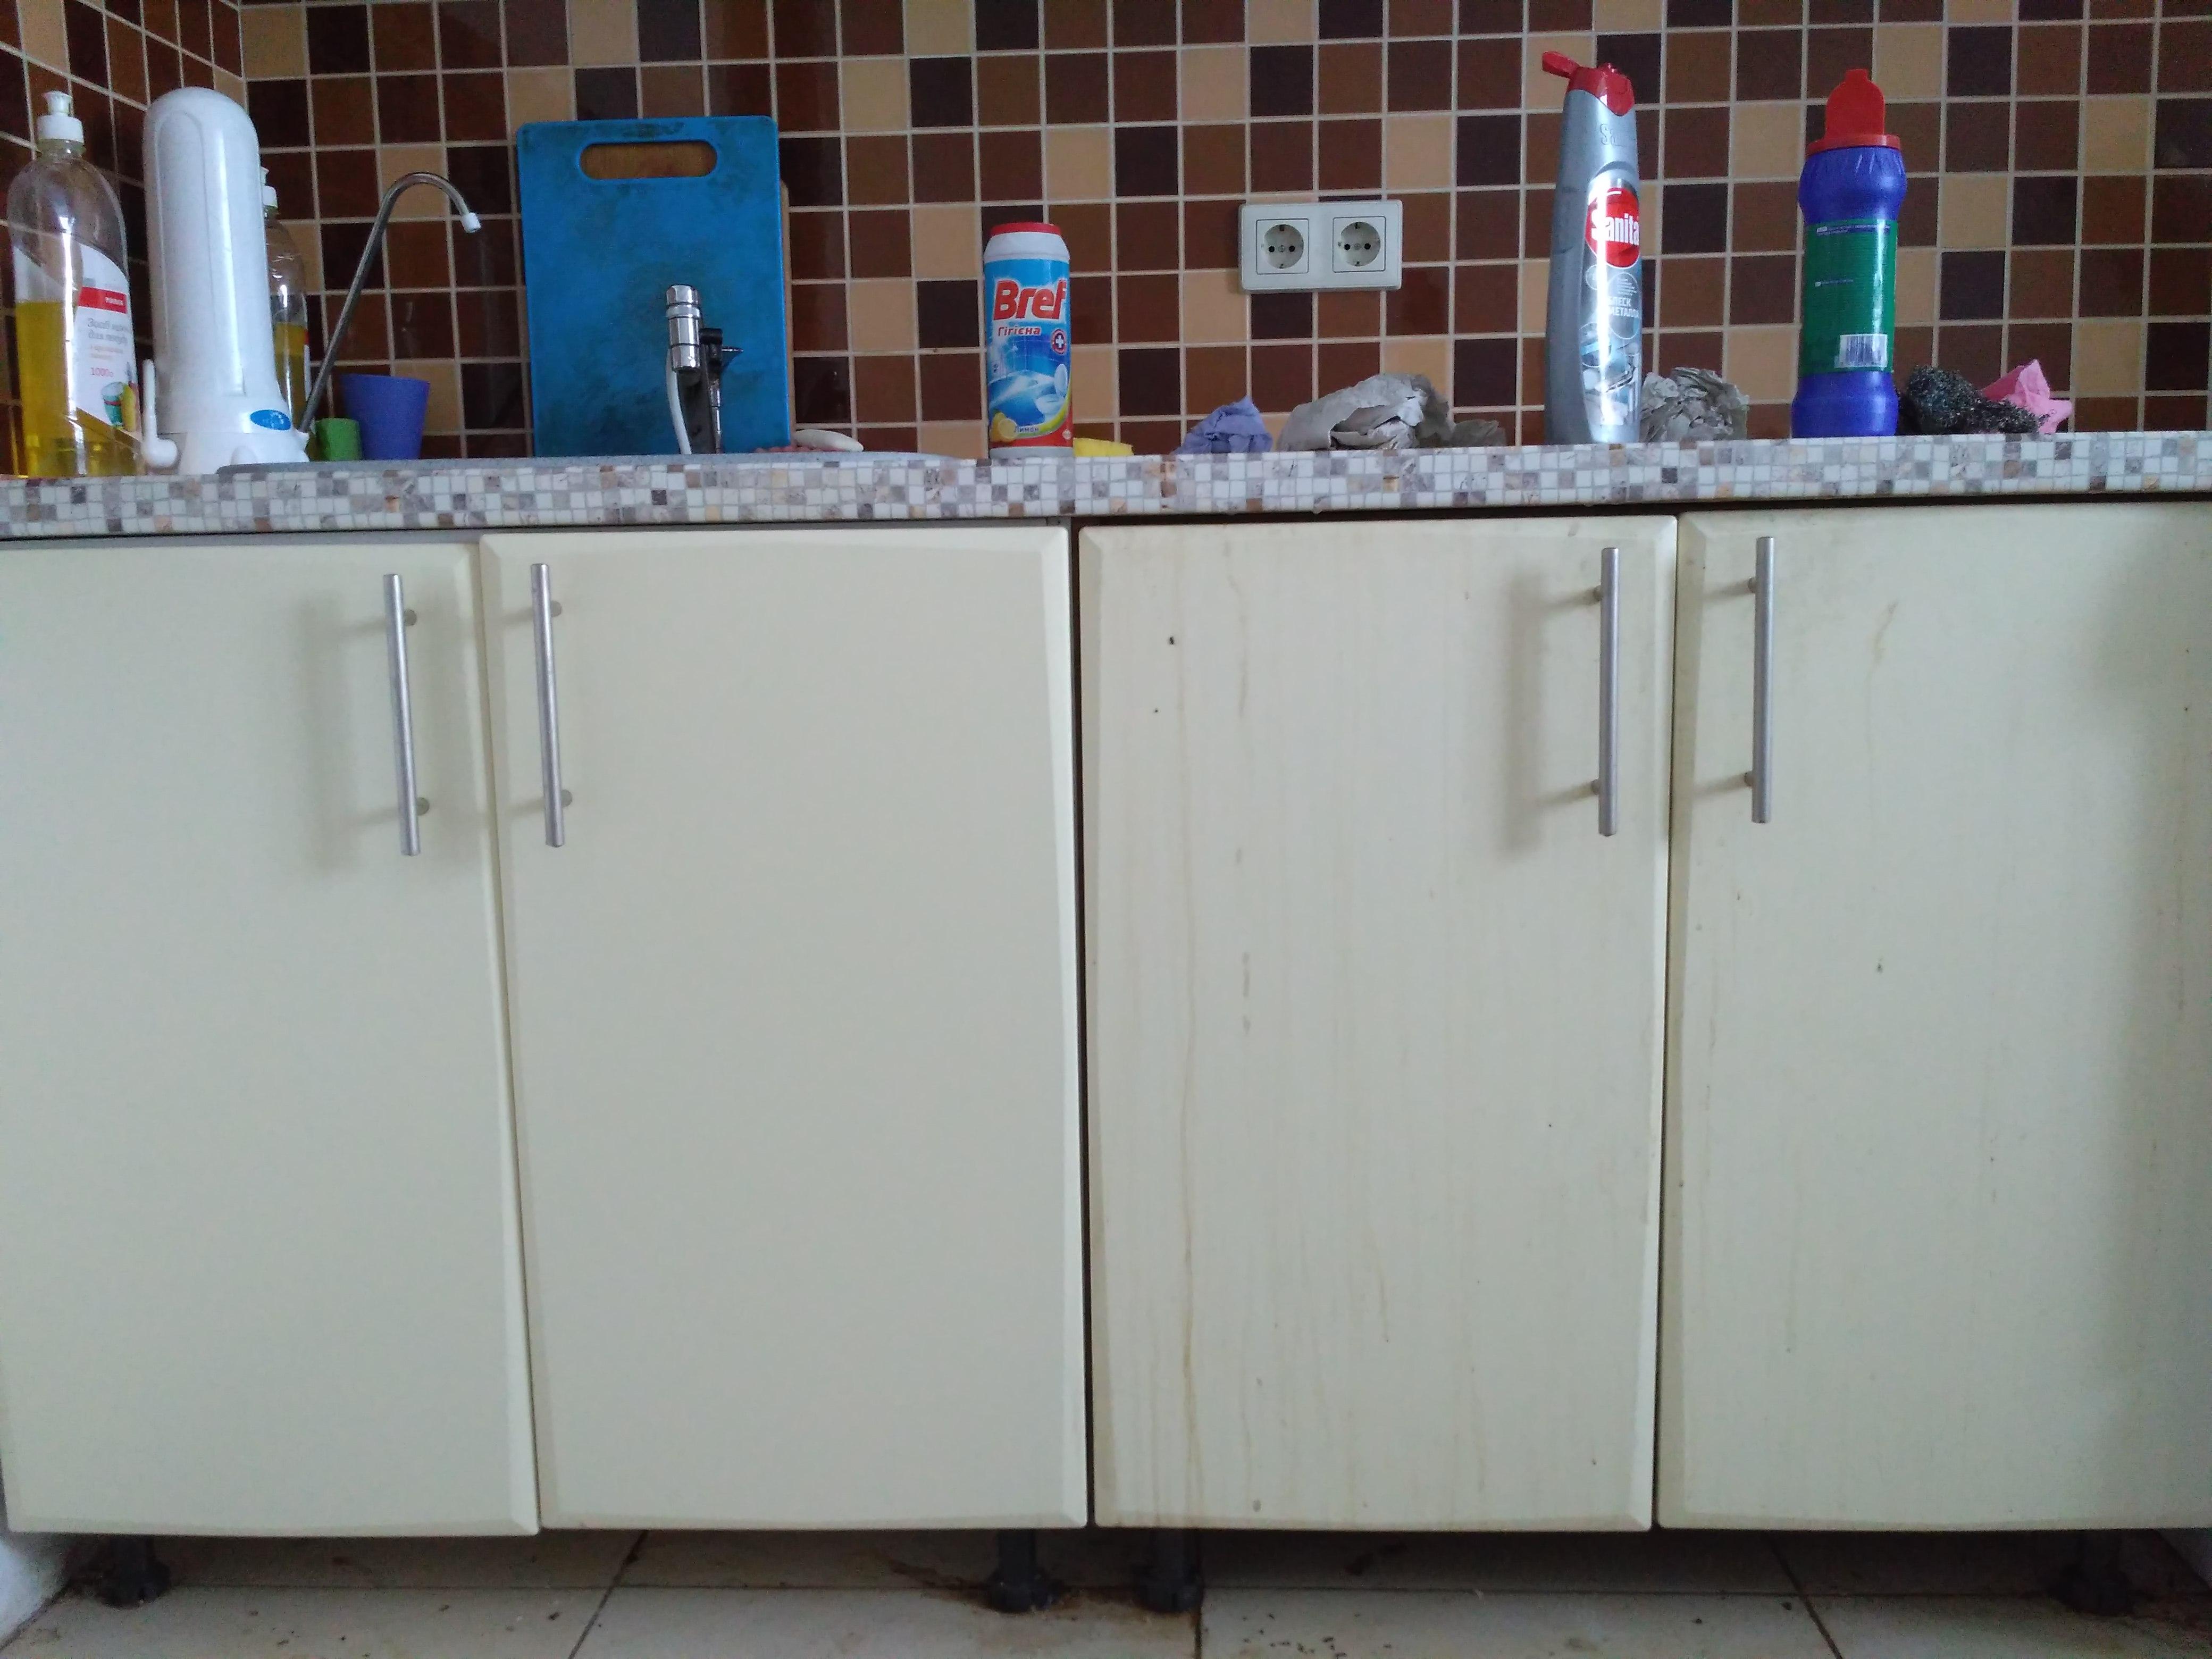 Фото Генеральная уборка квартиры, слева чистые шкафчики , справа грязные